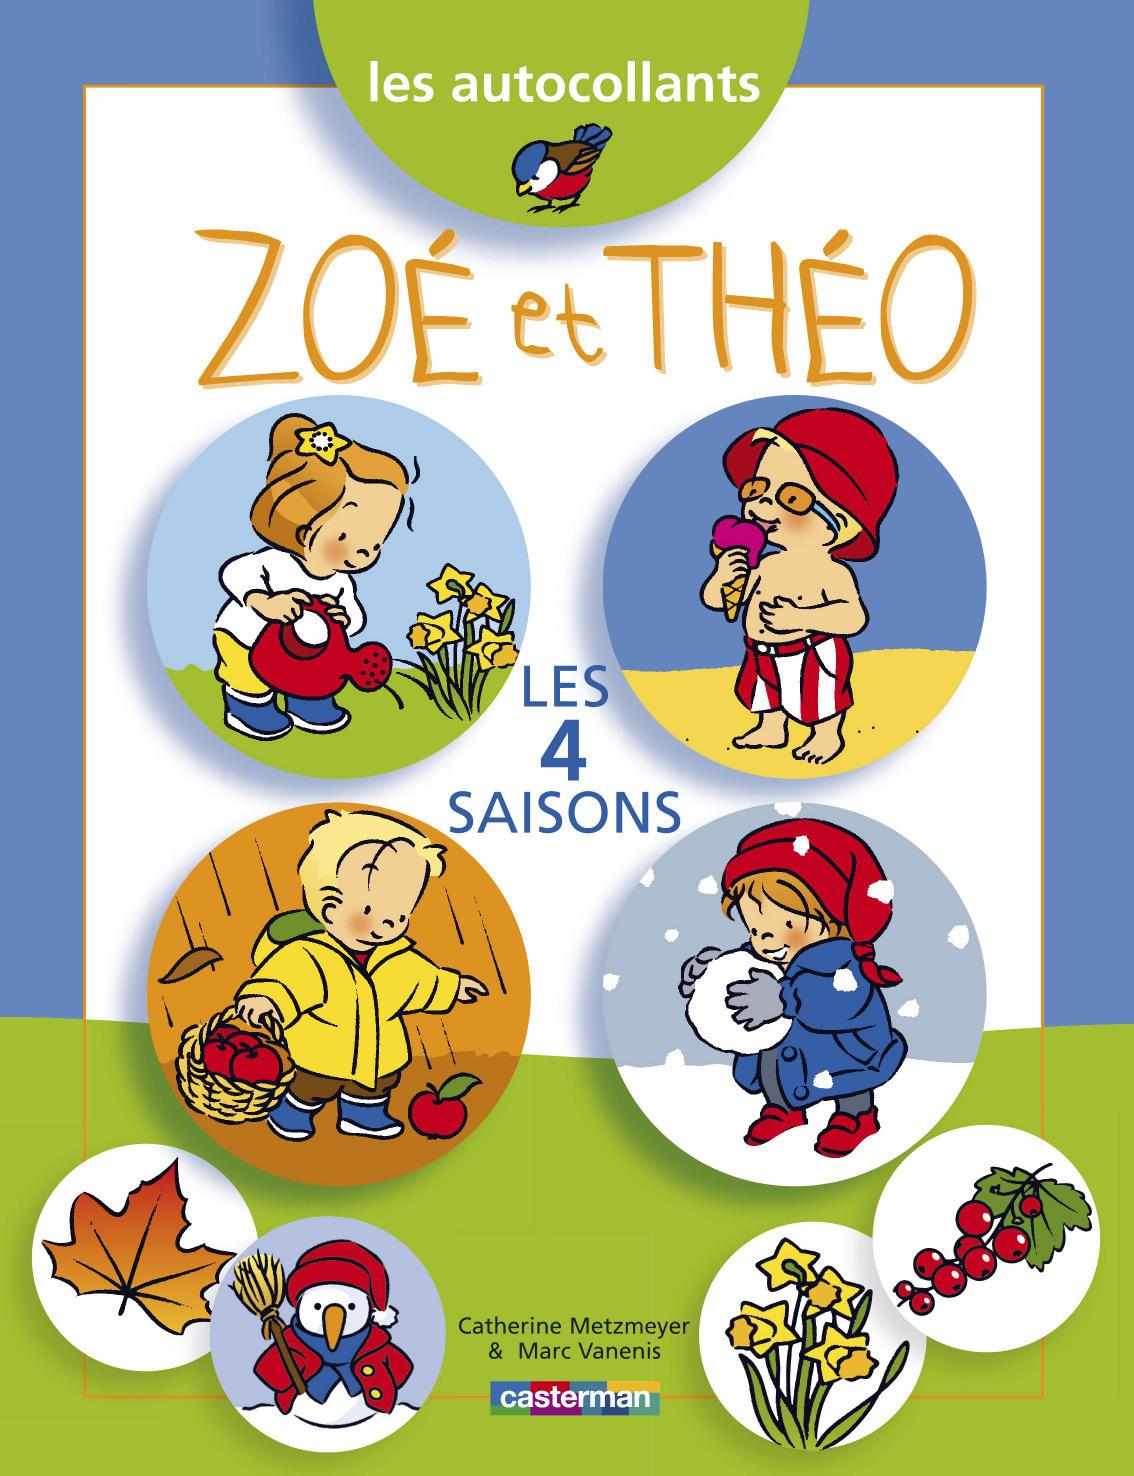 ZOE ET THEO AUTOCOLLANTS T14 LES 4 SAISONS